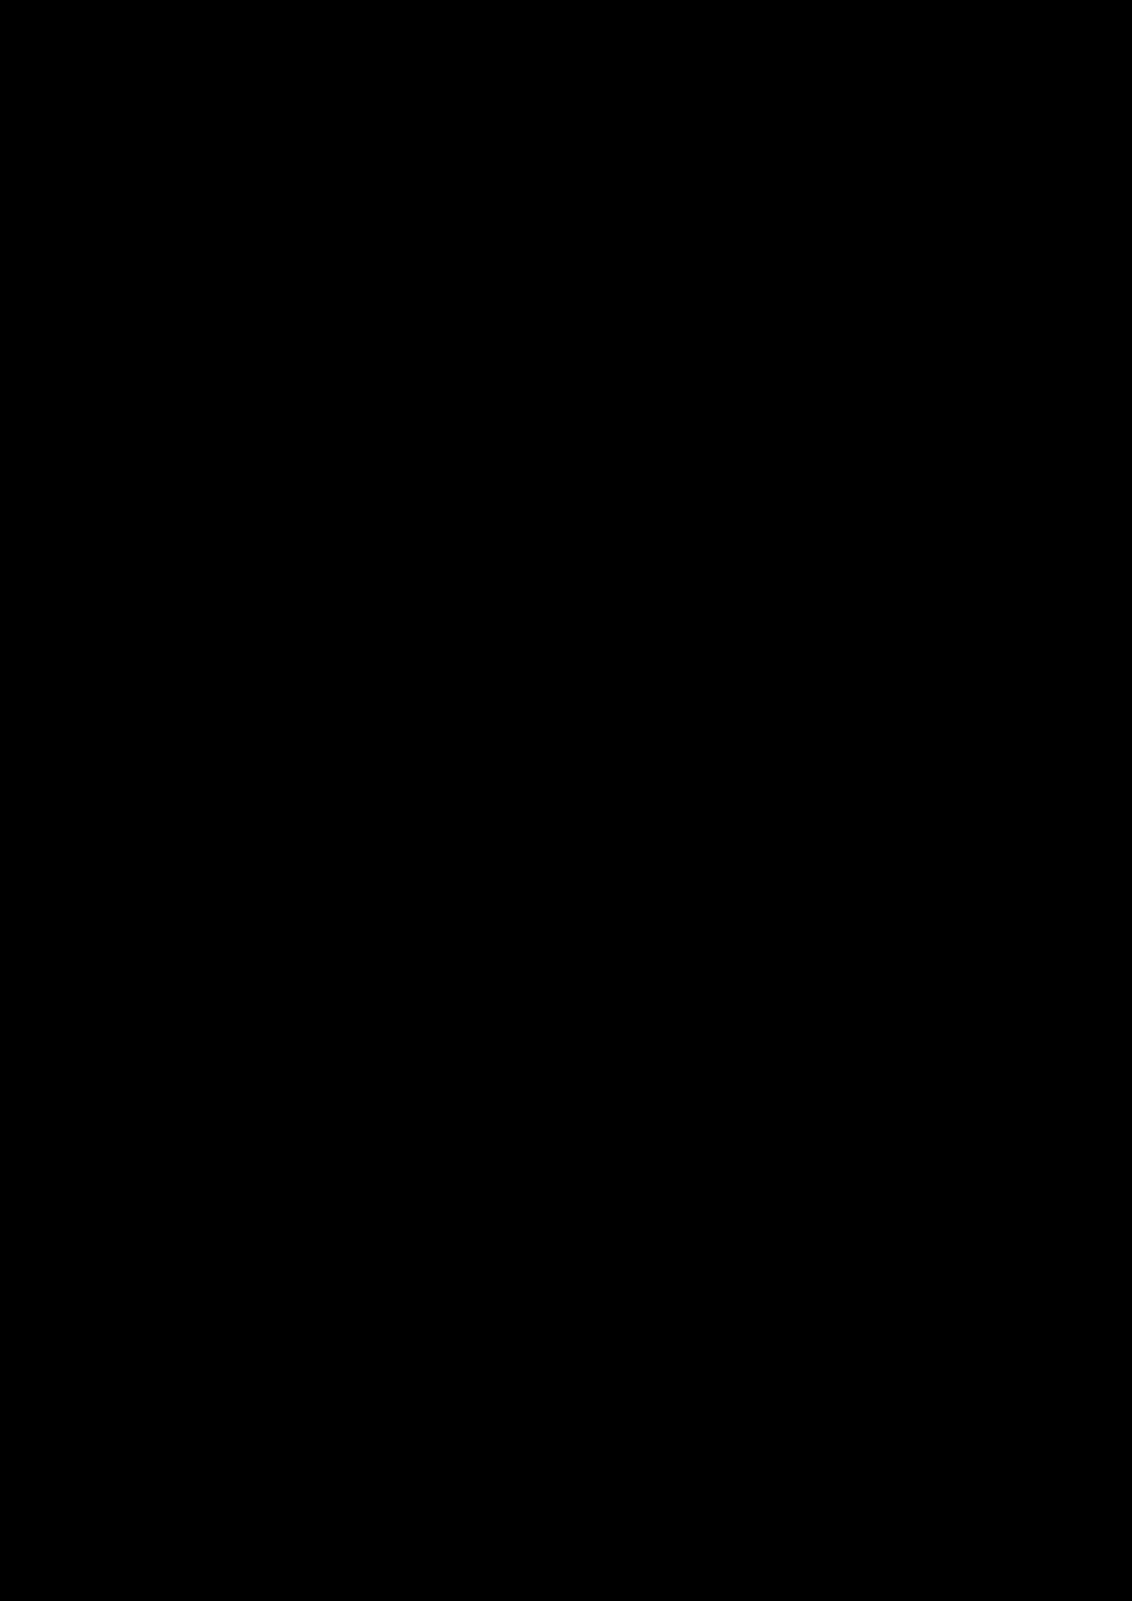 Zagadka volshebnoy stranyi slide, Image 66